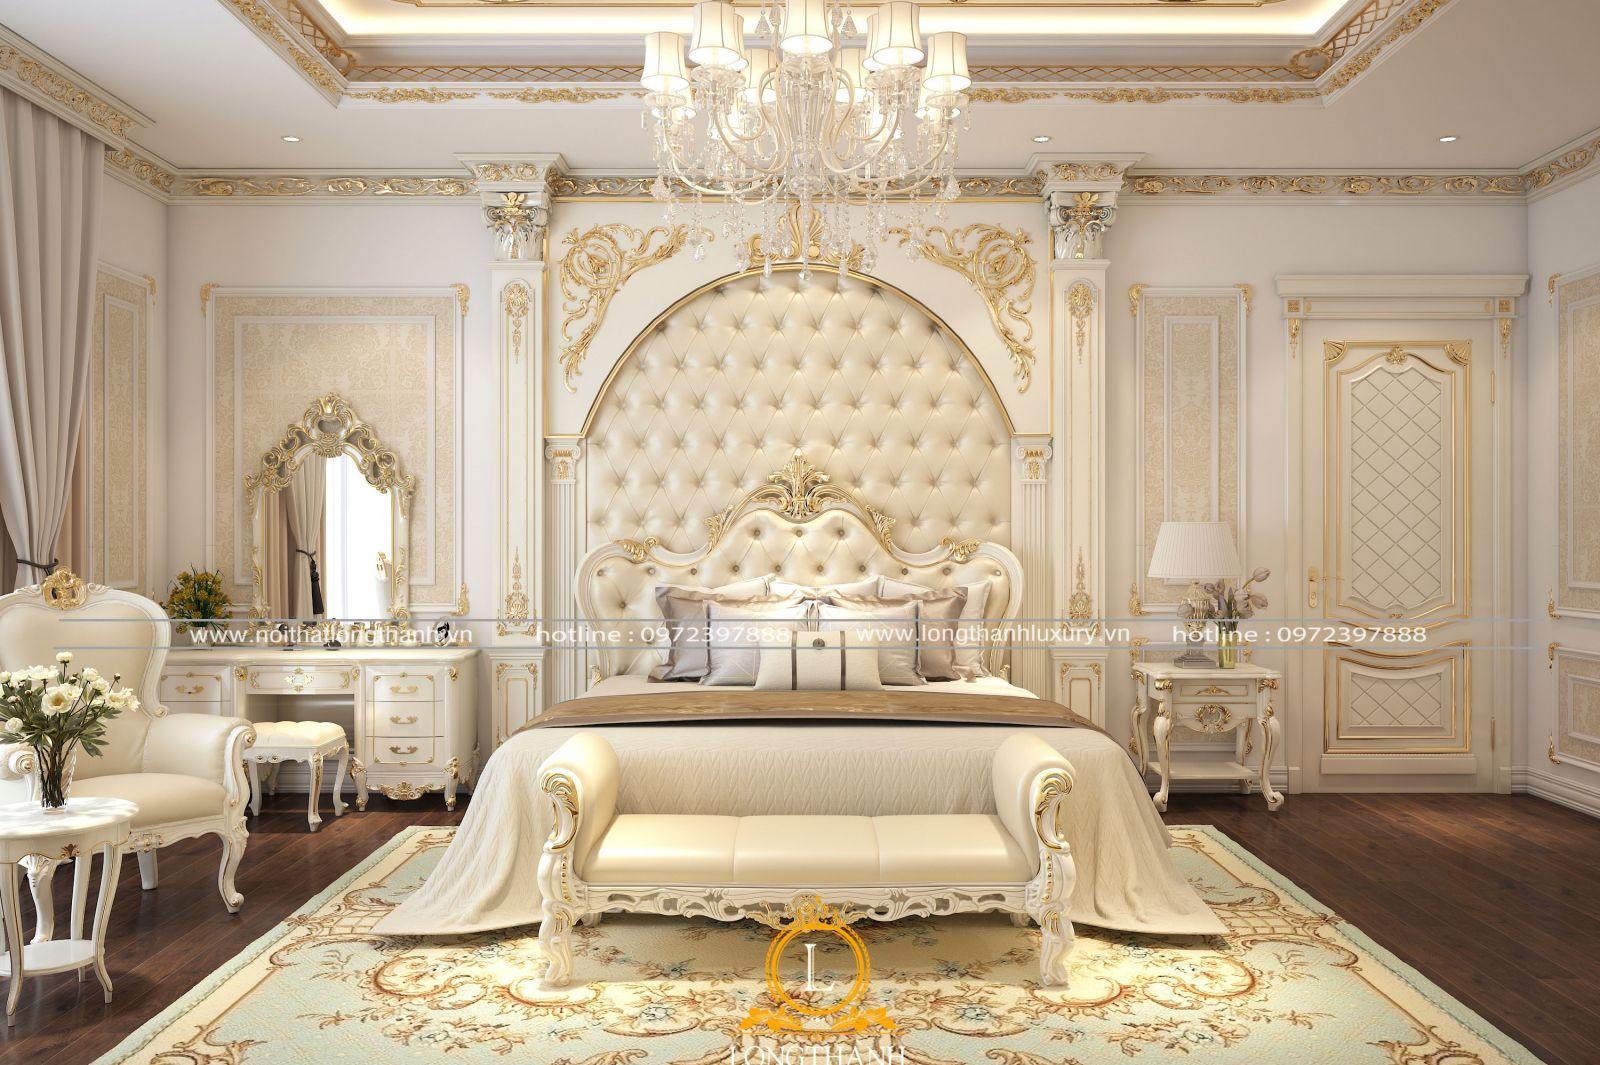 Thiết kế phòng ngủ mang đến sự khác biệt cho không gian